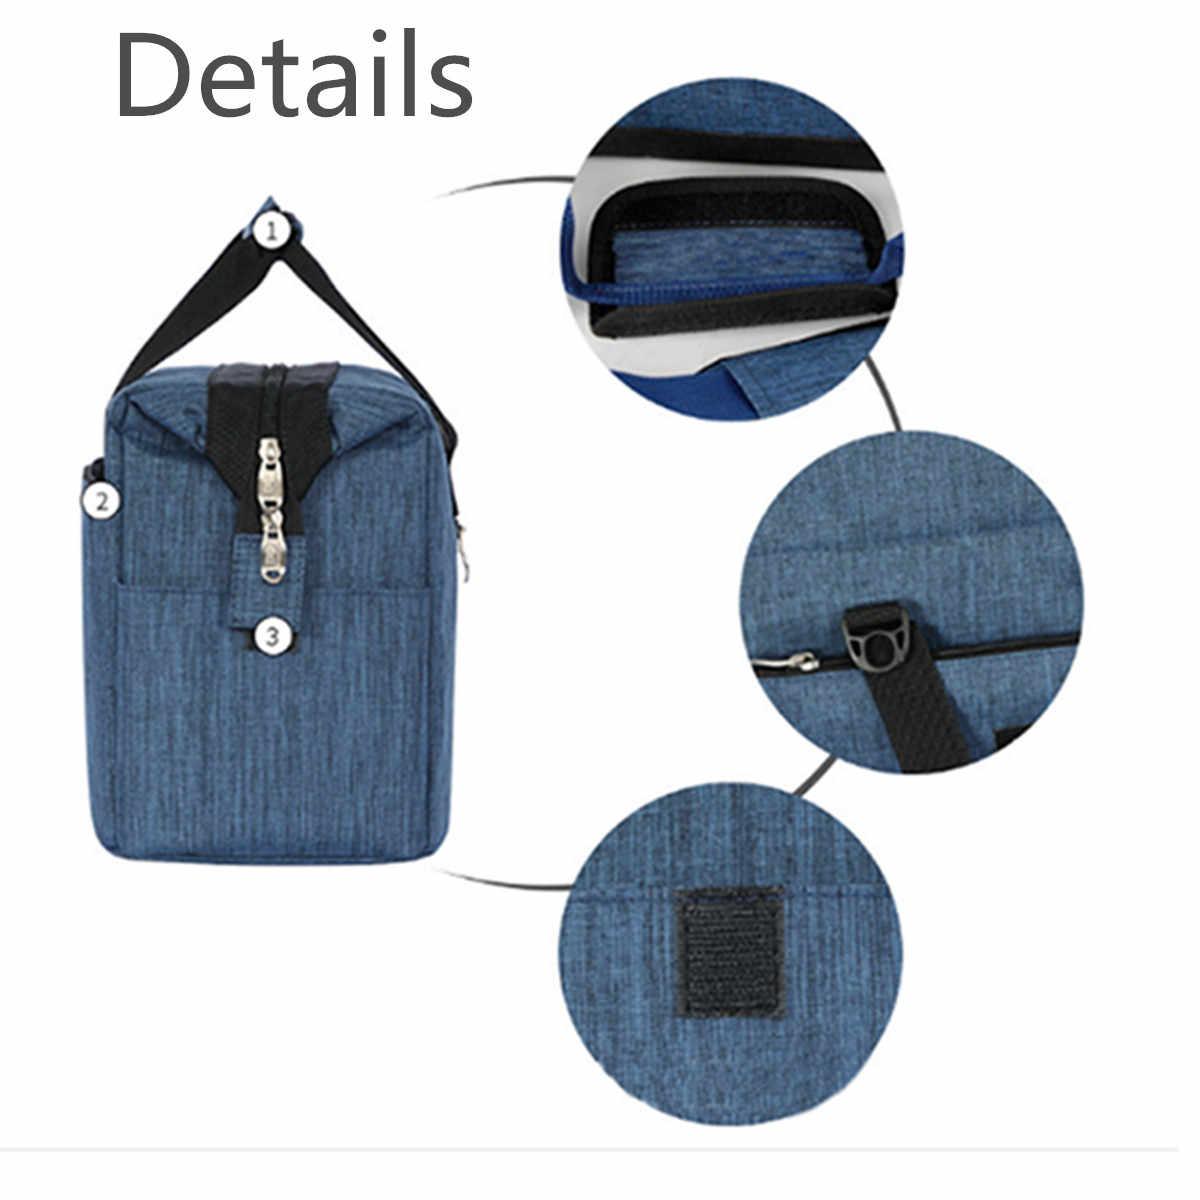 Ткань Оксфорд 10L большой Термосумка для льда изолированные пакет Напитки Еда термальность досуг сумки плеча мешок пикника коробка-сумка для обеда